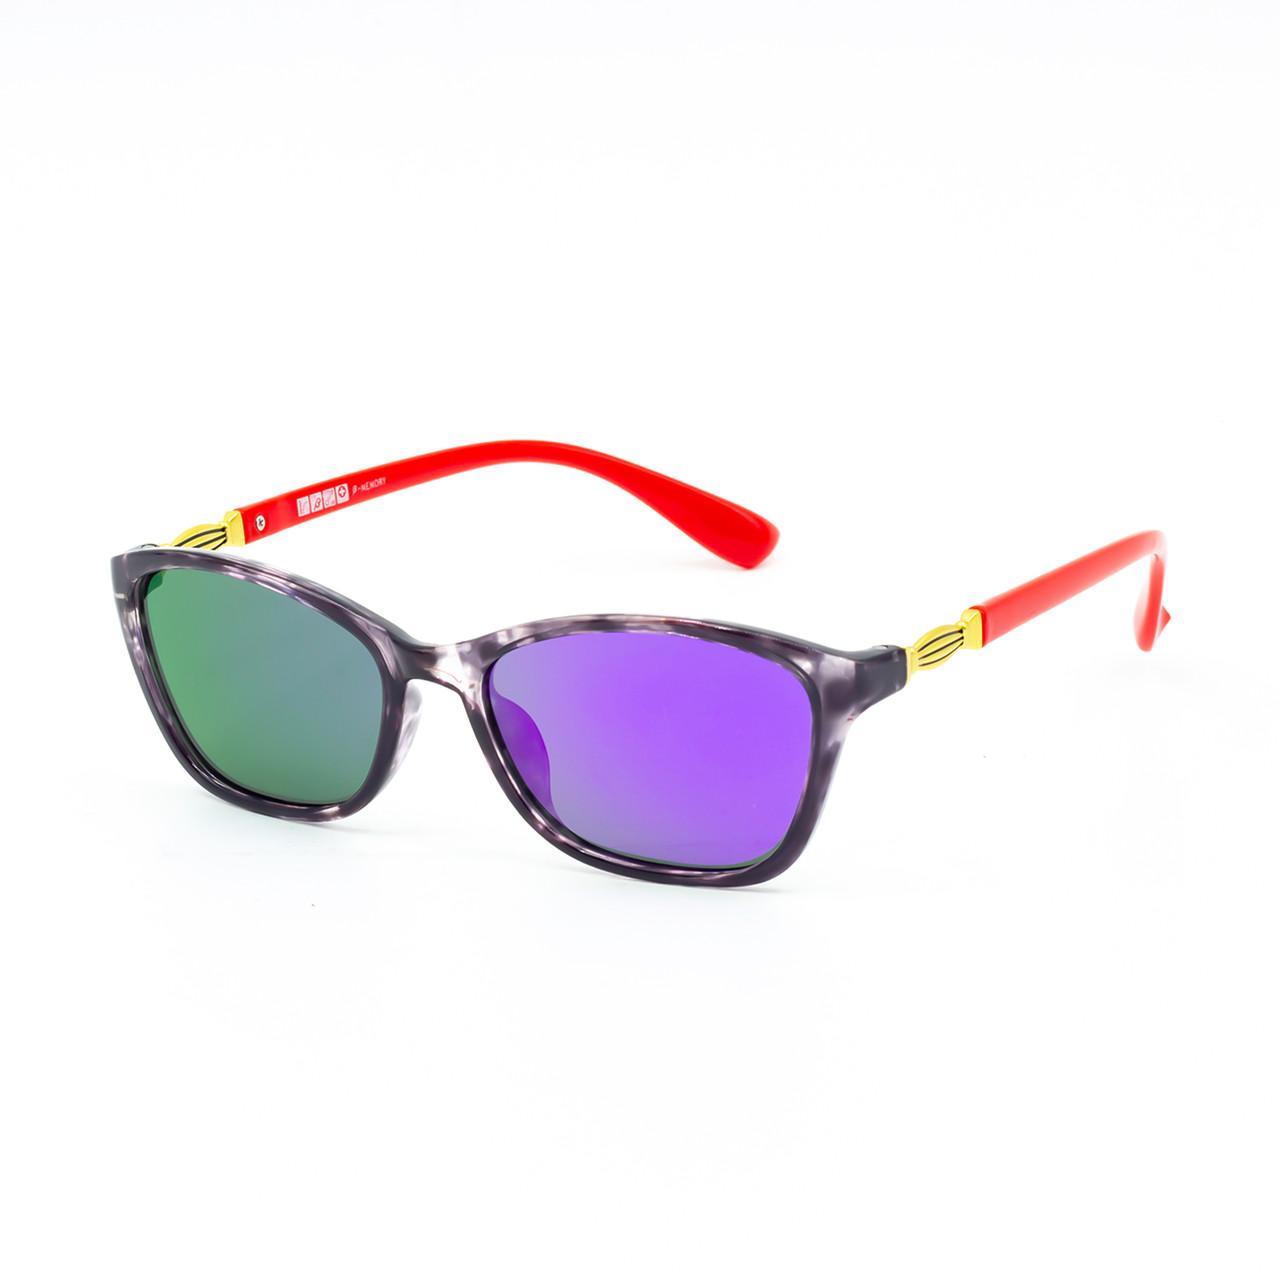 Солнцезащитные очки Marmilen 1297 C4-1 красные сзеркальным покрытием    ( 1297-04-1 )